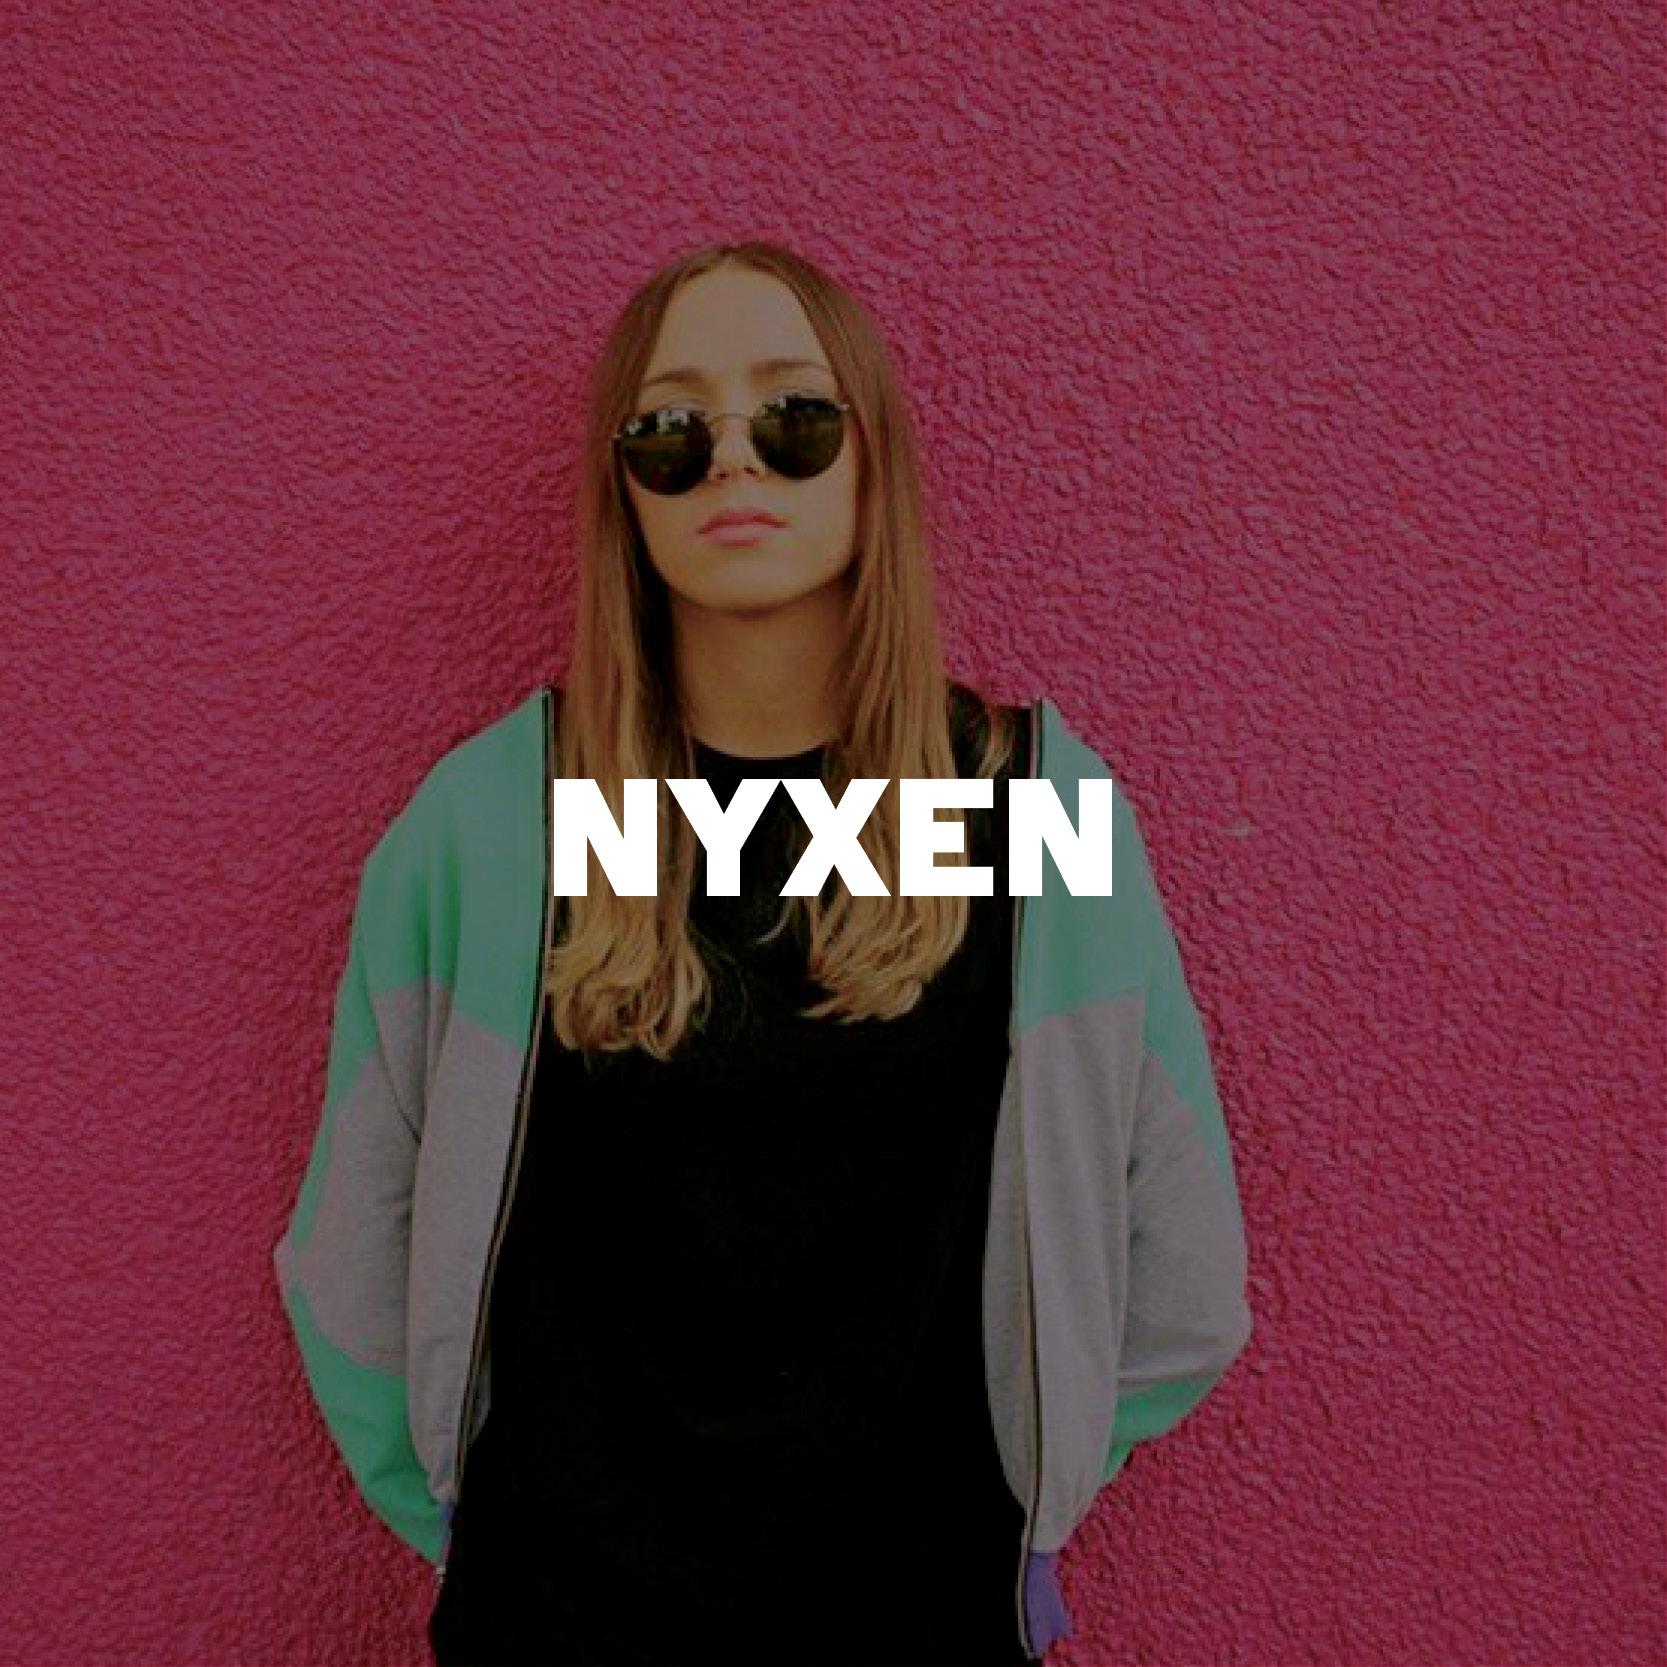 NYXEN